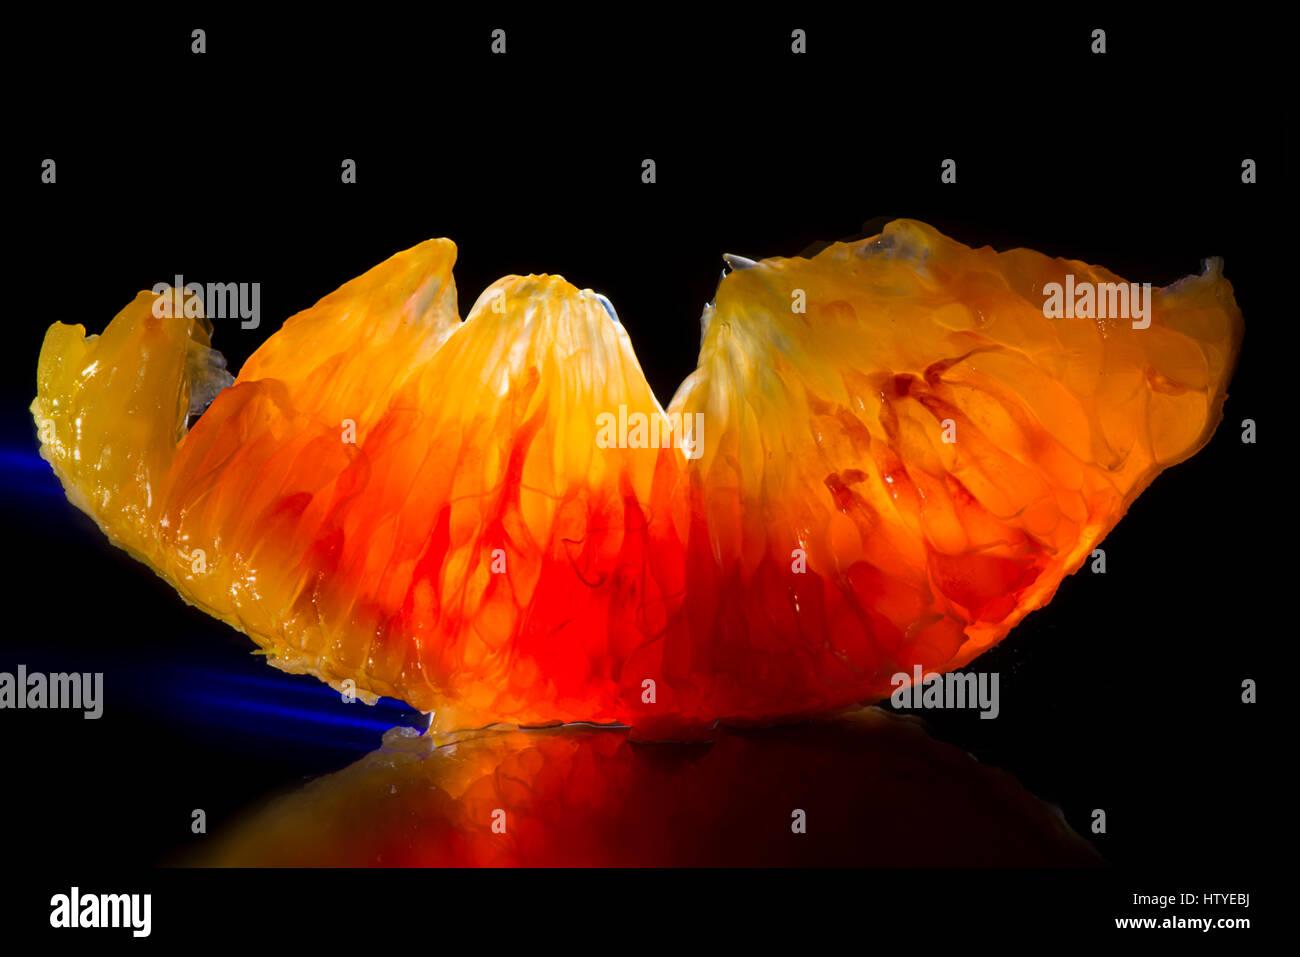 Nahaufnahme eines orange-Segments Stockfoto